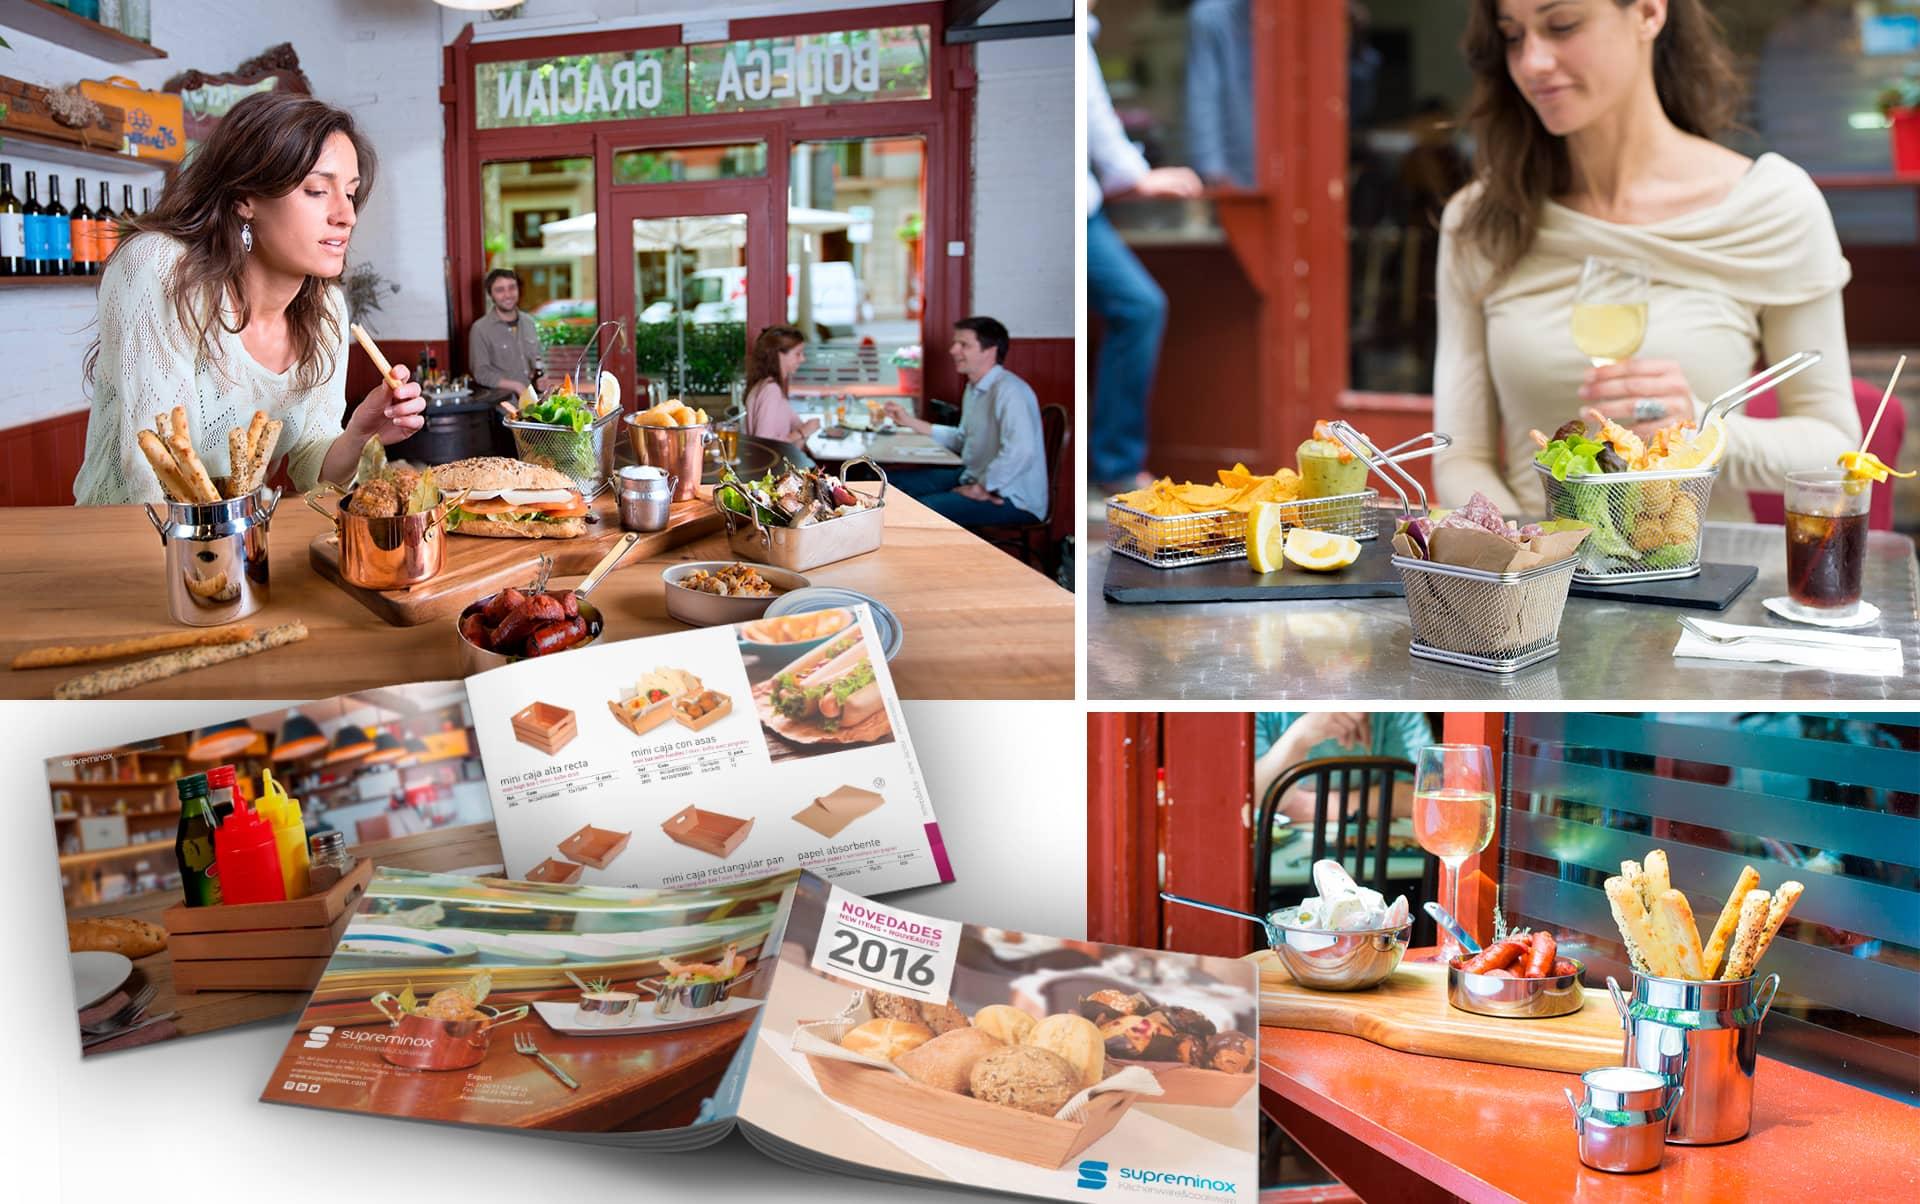 05 sesion de fotografia de producto en restaurante - Fotografía de producto en entorno real